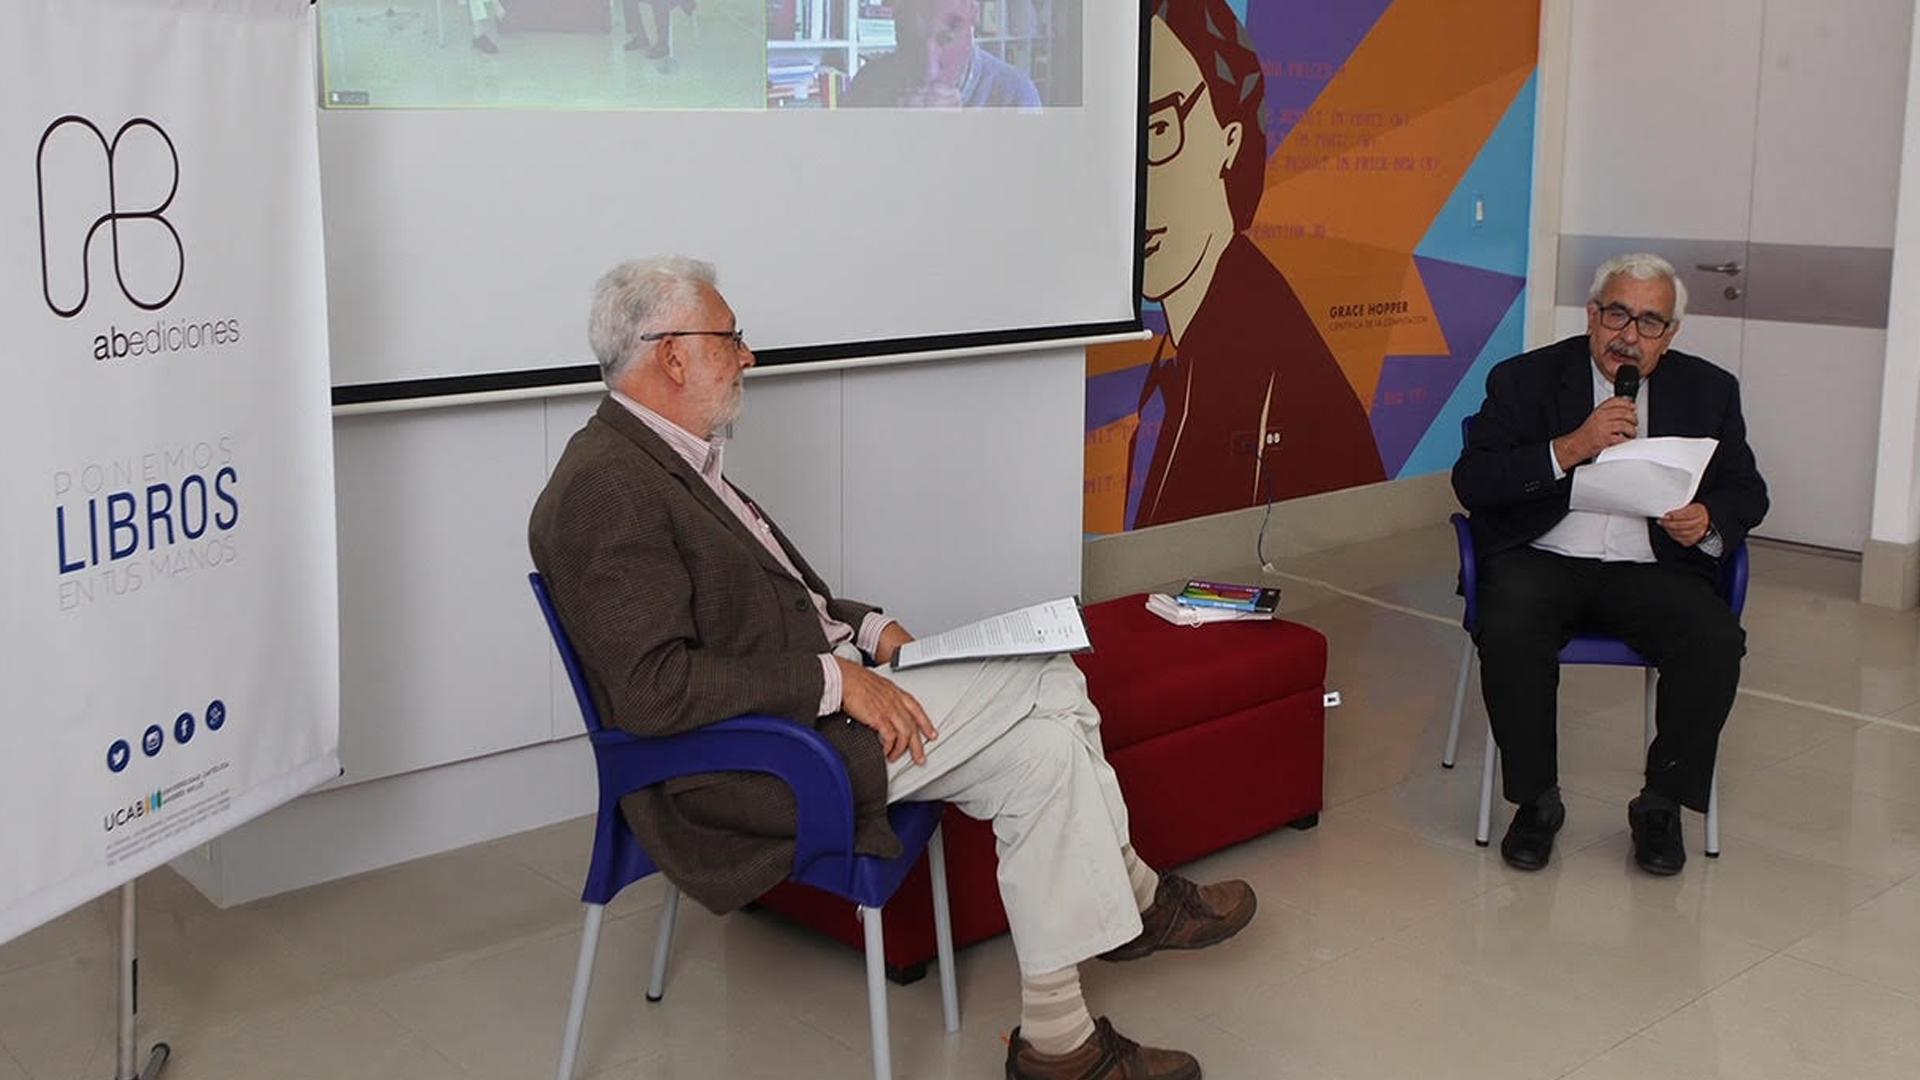 Arrancó la Feria del Libro celebrando la cultura más allá de lo digital